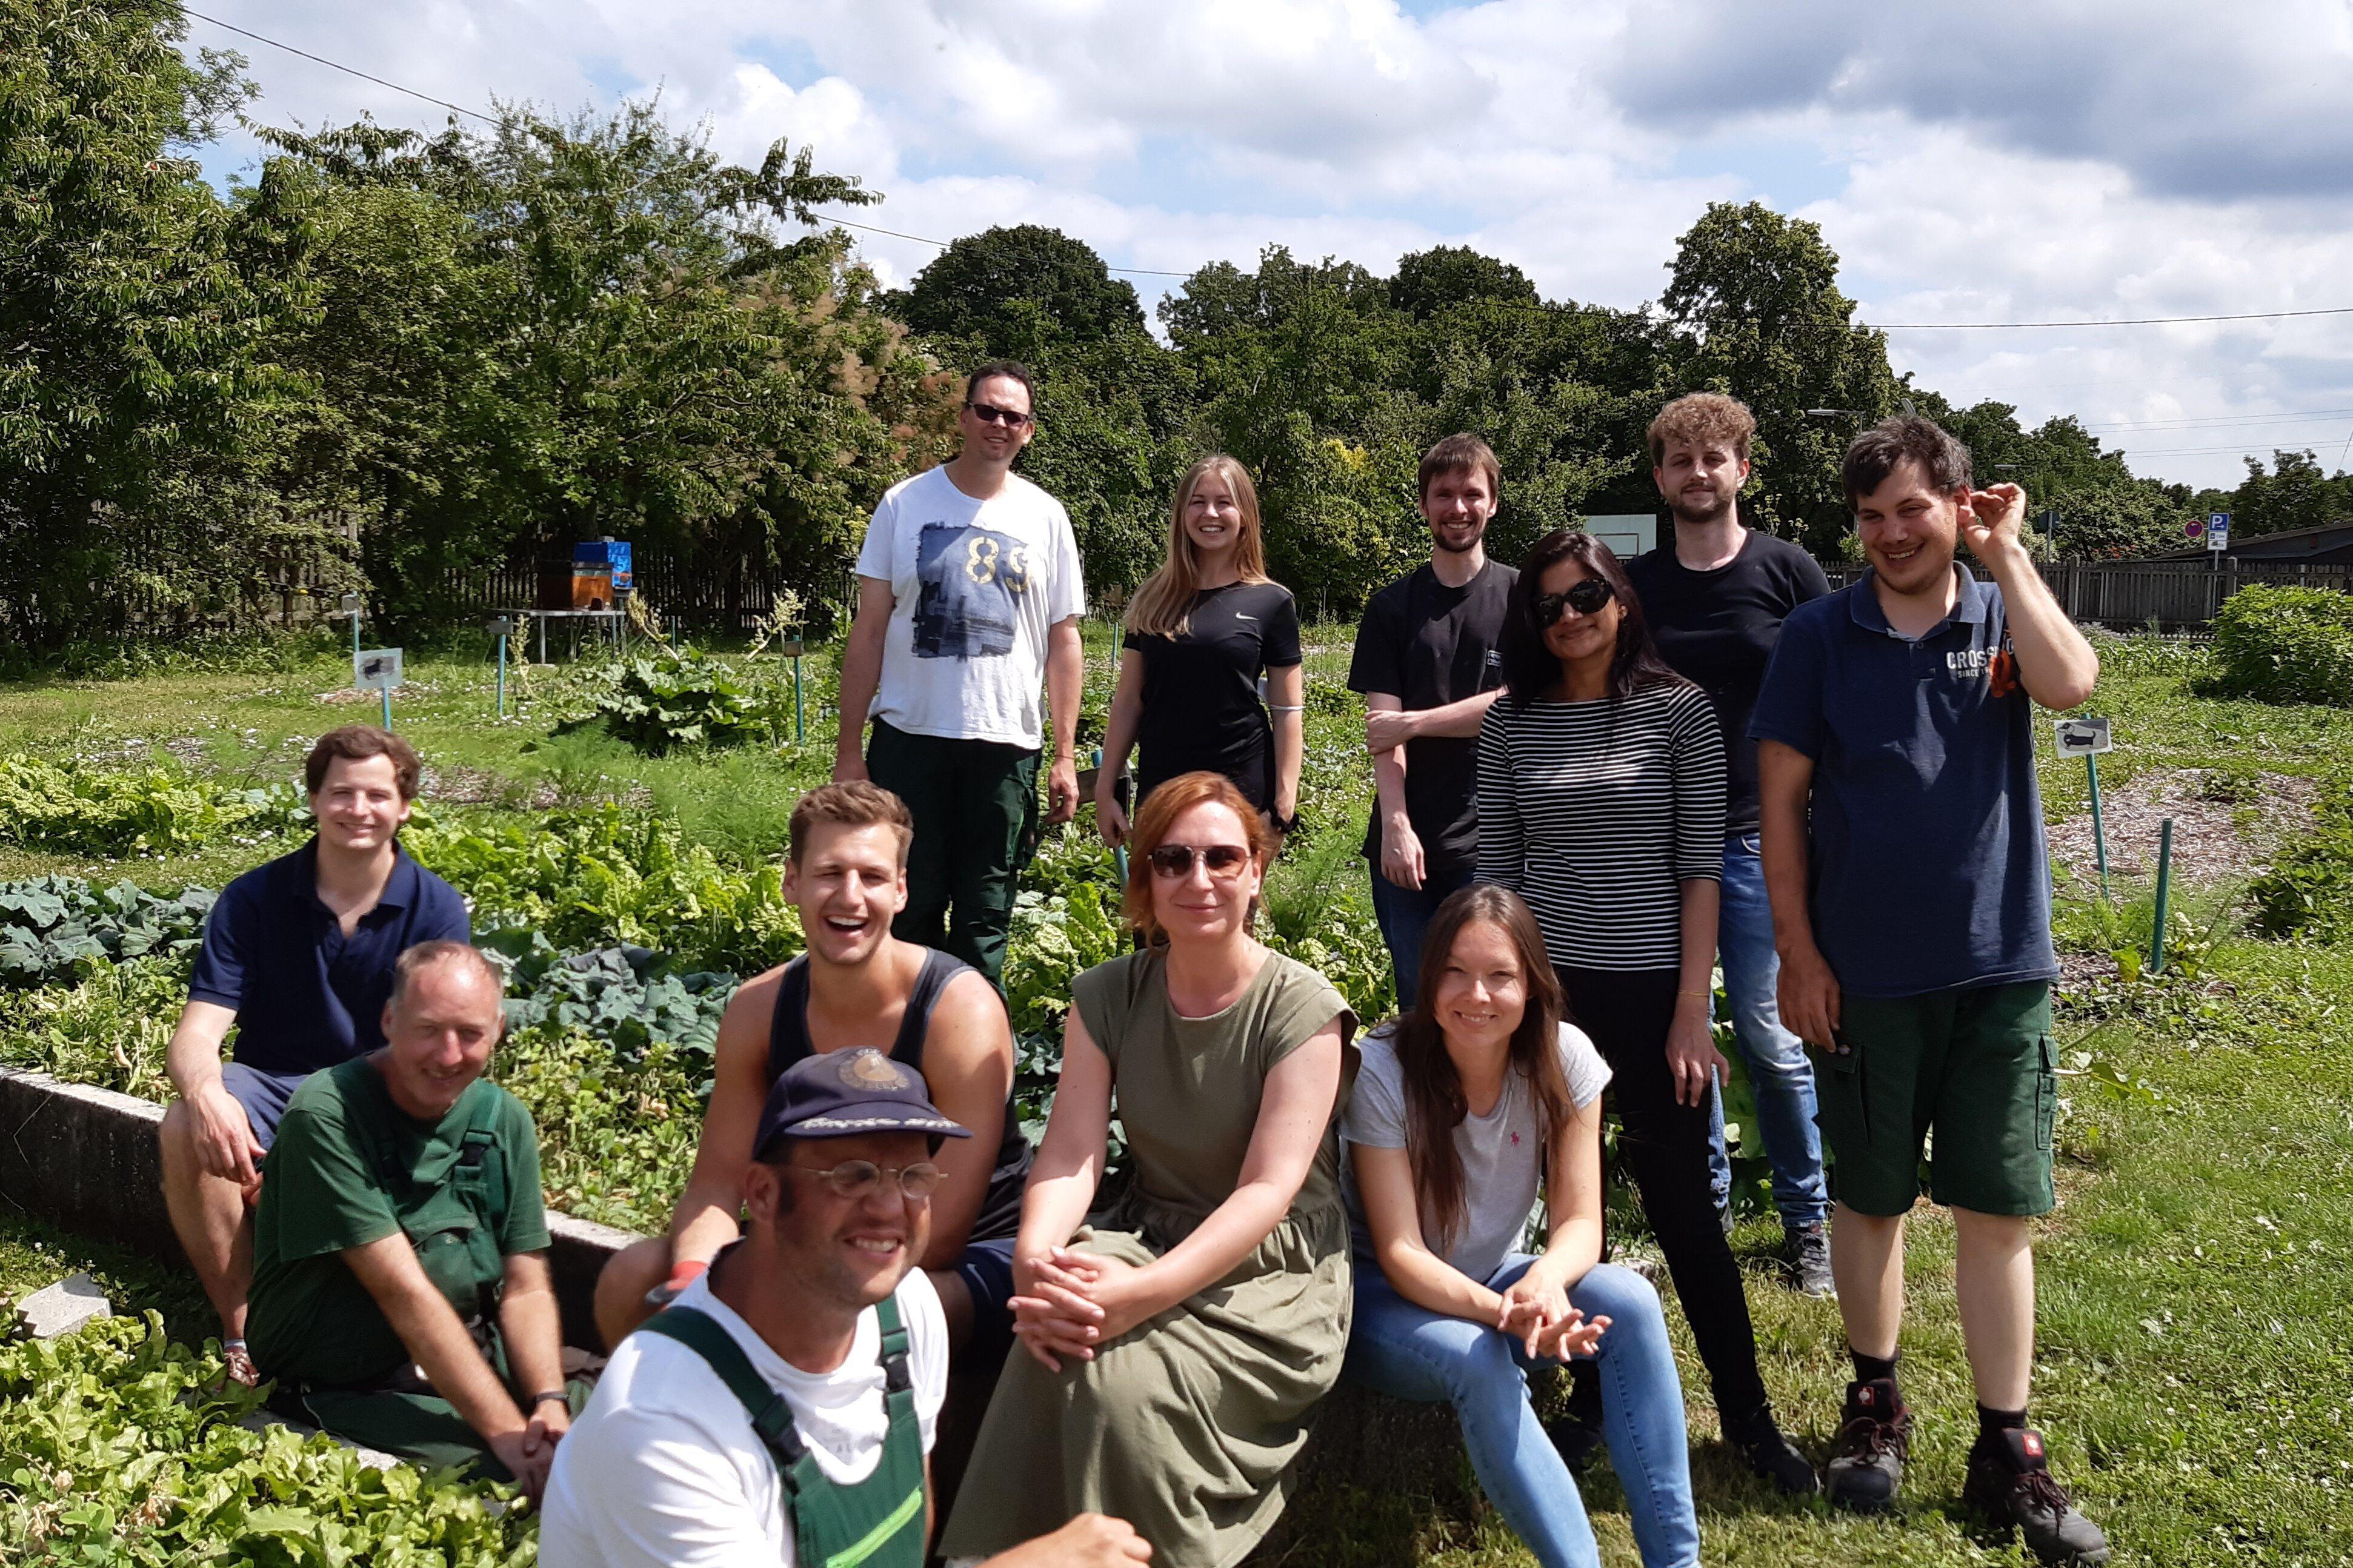 Aktionstag Münchner Unternehmen Des mach ma: Mitarbeiter von Accenture München unterstützen die behinderten Gärtner in der Gärtnerei am Hart der Stiftung Pfennigparade.